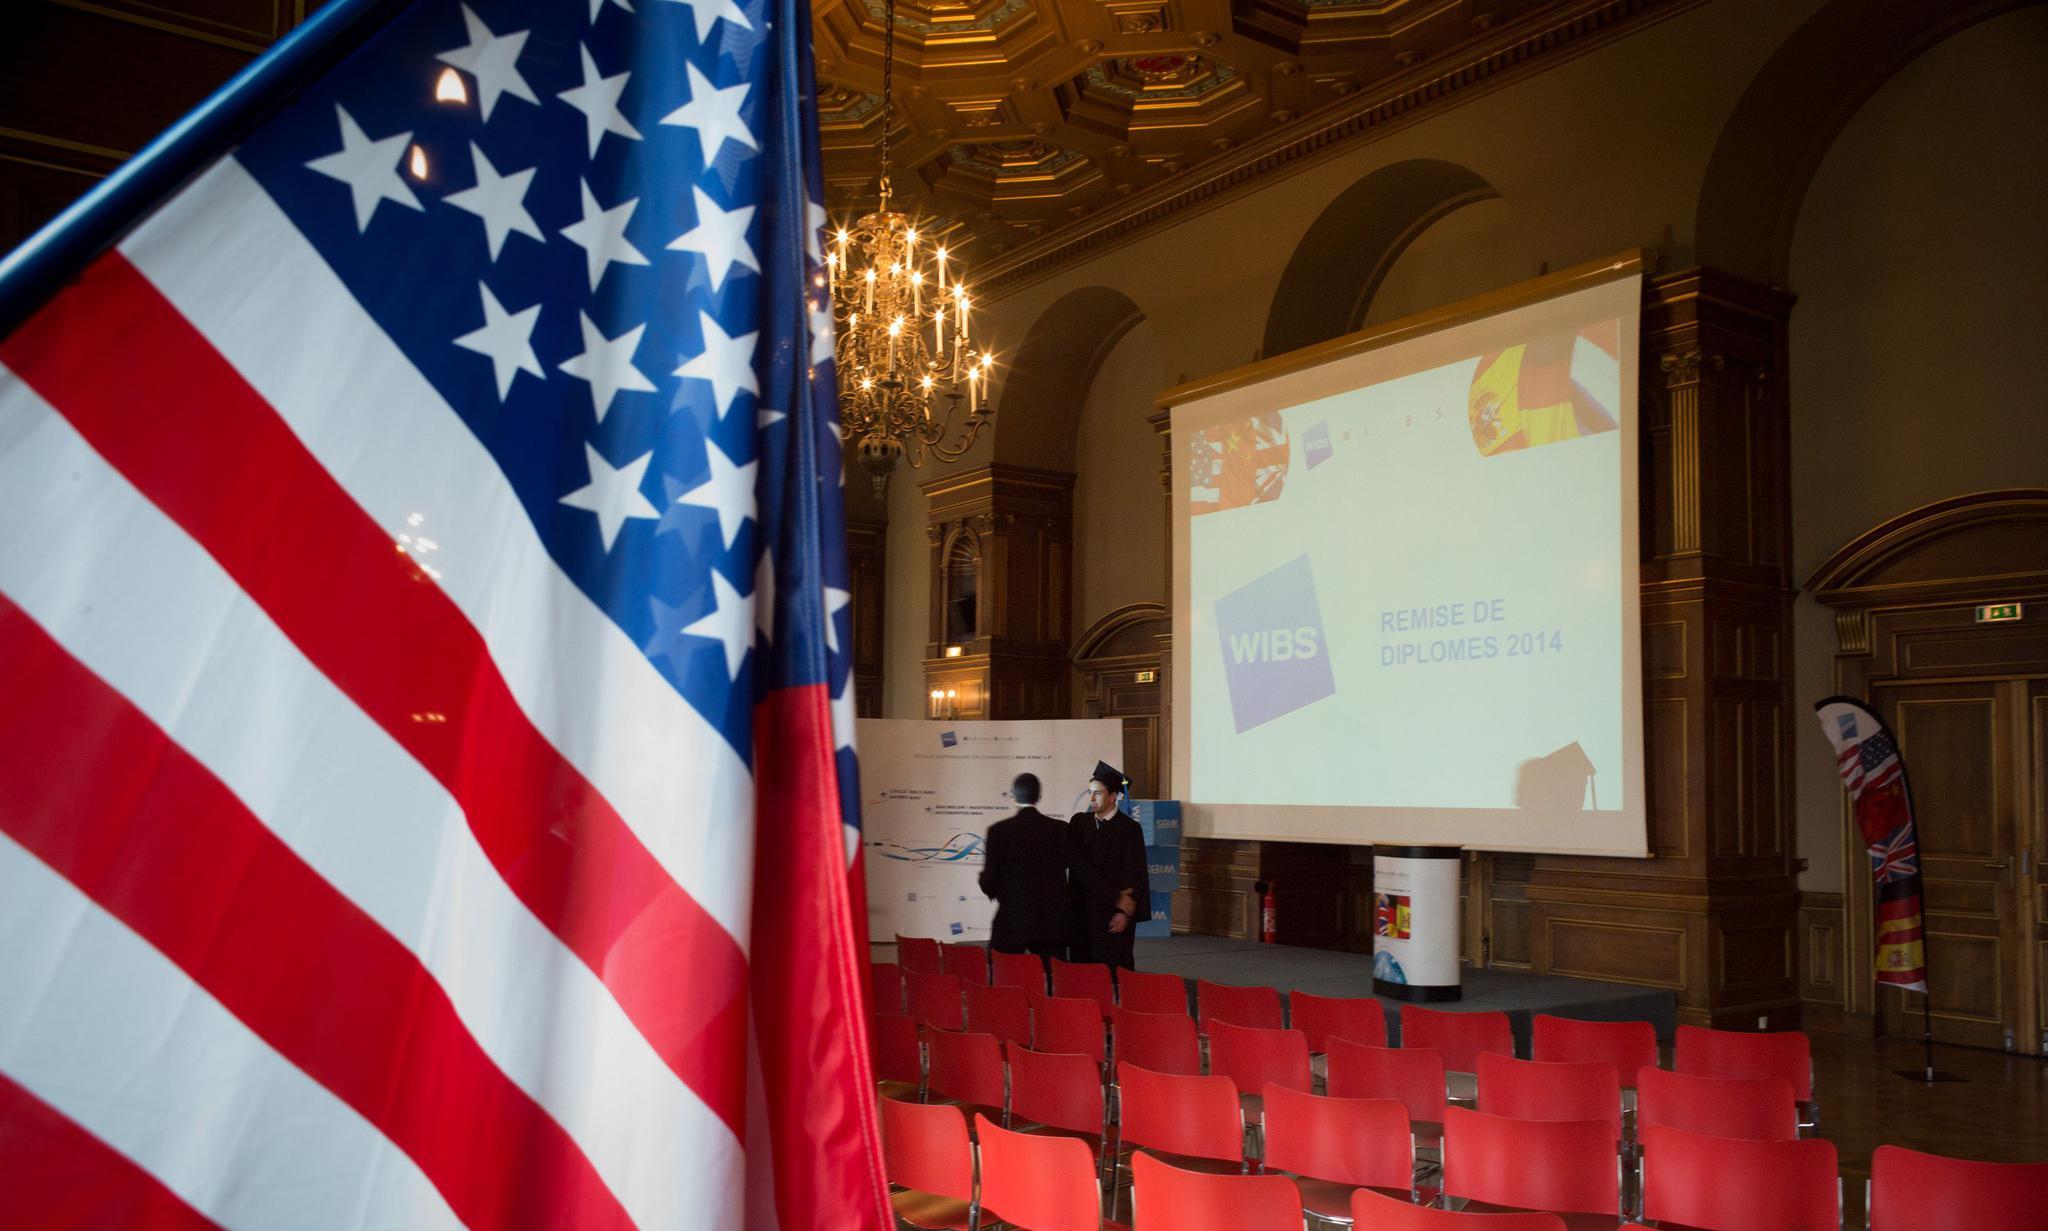 法国巴黎维莱尔国际商学院毕业典礼现场